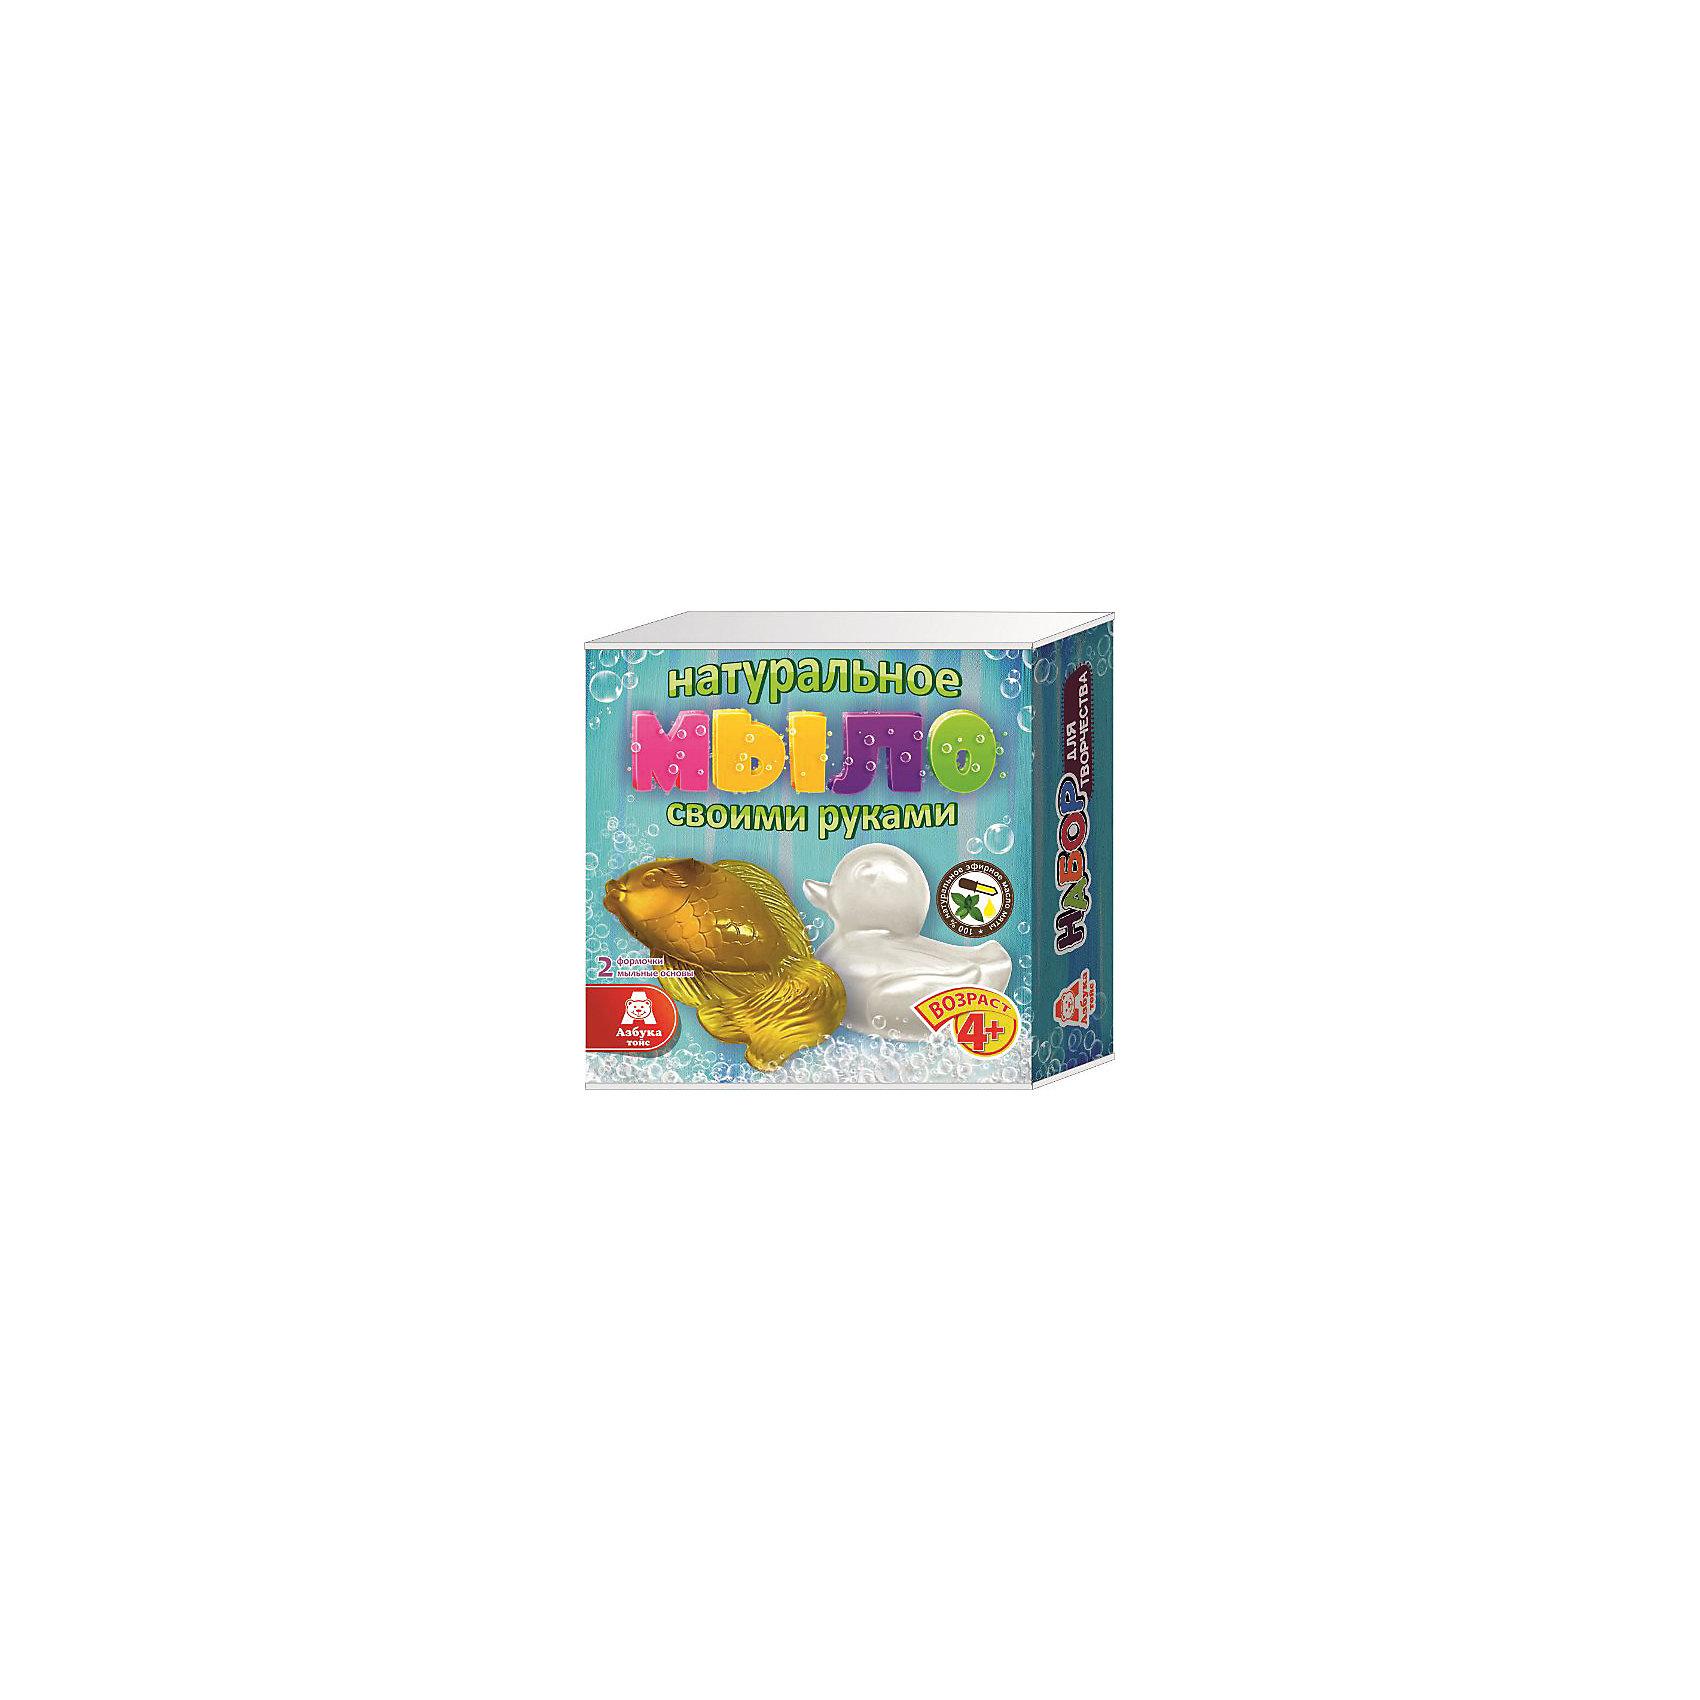 Мыло Рыбка и УточкаСоздание мыла<br>Характеристики товара:<br><br>• упаковка: коробка<br>• количество цветов: 5<br>• возраст: 4+<br>• масса: 260 г<br>• габариты: 50х140х140 мм<br>• комплектация: натуральная мыльная основа (5 видов), эфирное масло (5 видов), деревянная палочка, емкость для растапливания, формочки - 5 шт., инструкция<br>• страна бренда: РФ<br>• страна изготовитель: РФ<br><br>Мыловарение – интересный и необычный способ занять малыша. Ошибочно полагать, что создавать мыло – творчество только для девочек. В новом наборе формочки позволяют варить мыло в форме различных предметов. На выходе у ребенка получится настоящее мыло, готовое к использованию. Благодаря эфирным маслам оно будет приятно пахнуть. В наборе есть все необходимое для создания продукта.<br>Набор станет отличным подарком ребенку, так как он сможет сам сделать полезную вещь для себя или в качестве подарка близким! Материалы, использованные при изготовлении товара, сертифицированы и отвечают всем международным требованиям по качеству. <br><br>Набор Мыло Рыбка и Уточка от бренда Азбука Тойс можно приобрести в нашем интернет-магазине.<br><br>Ширина мм: 140<br>Глубина мм: 50<br>Высота мм: 140<br>Вес г: 260<br>Возраст от месяцев: 48<br>Возраст до месяцев: 96<br>Пол: Унисекс<br>Возраст: Детский<br>SKU: 5062852